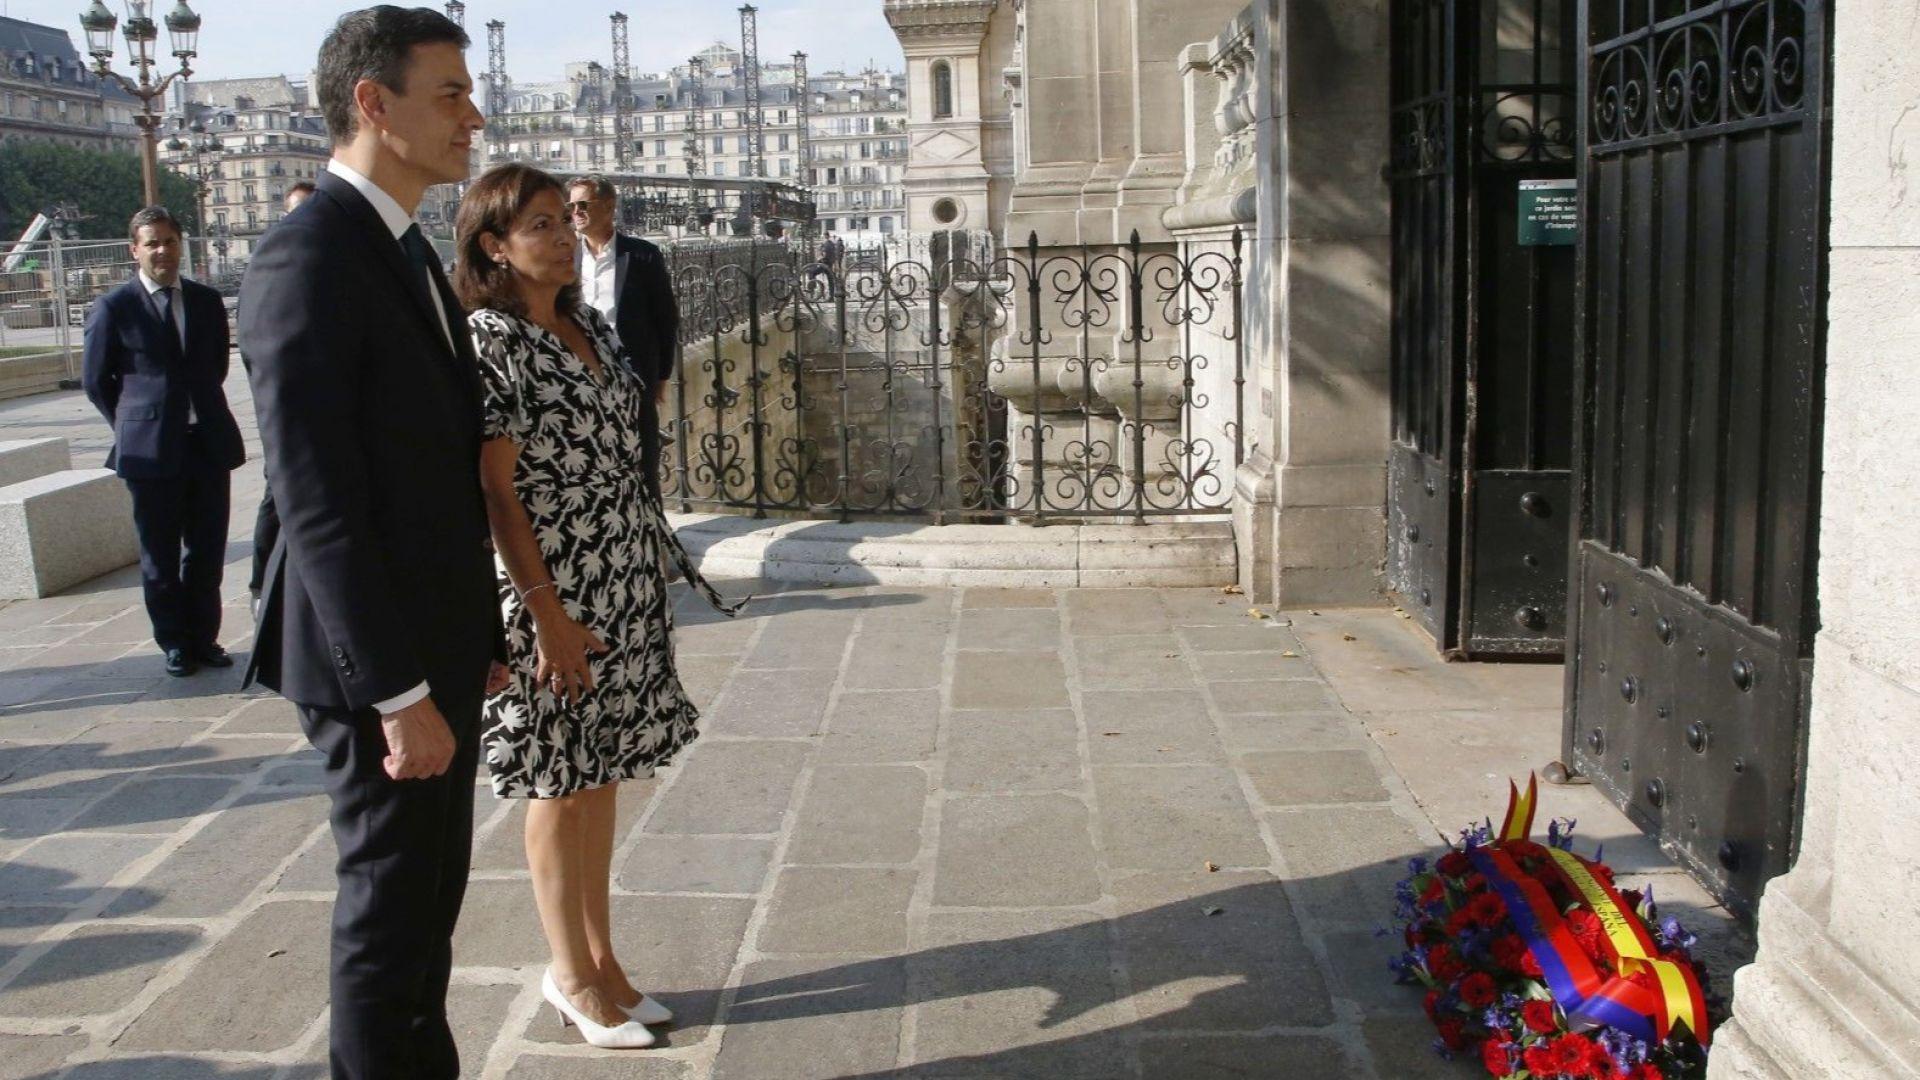 Кметът на Париж: Премиерът на Испания спаси честта на Европа